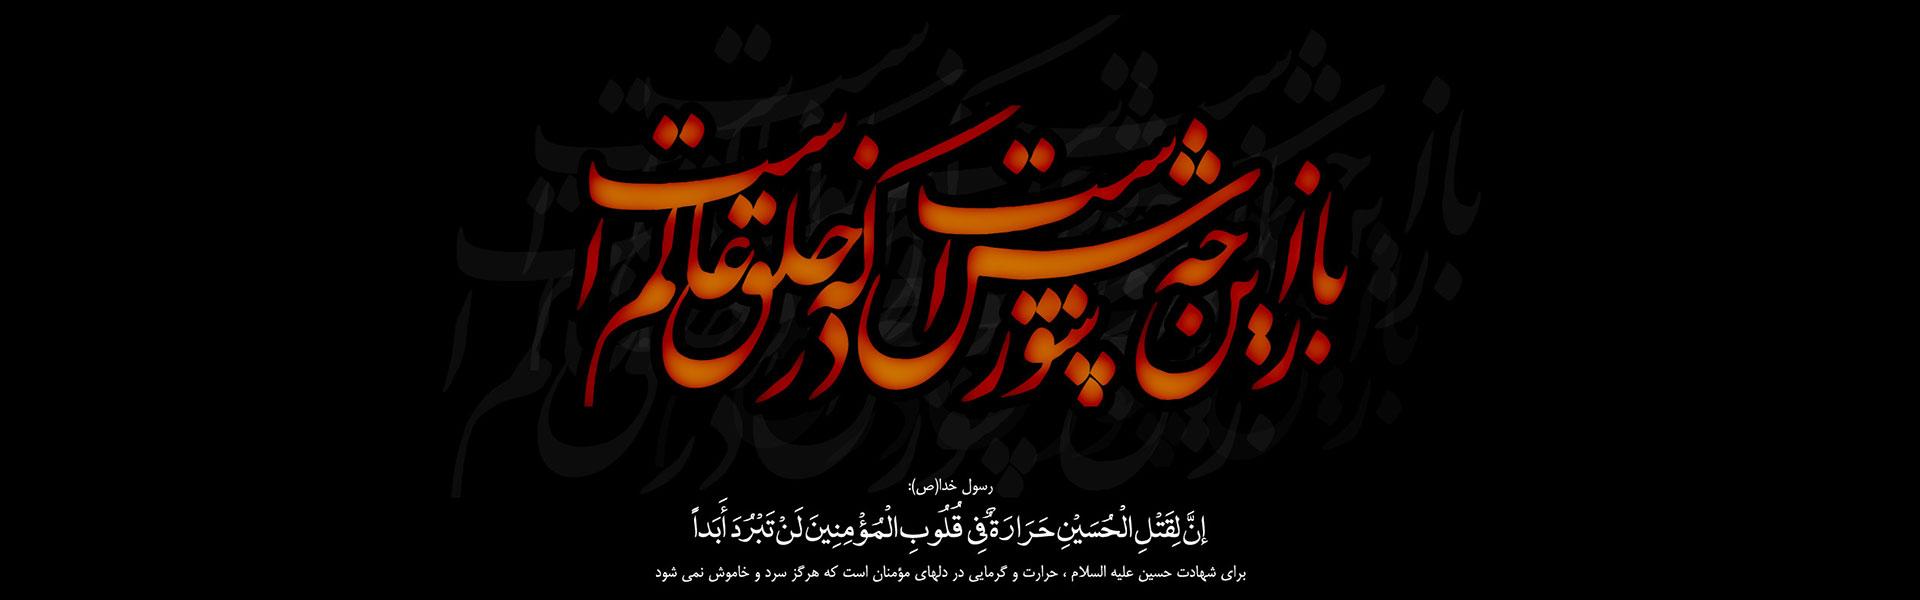 فرا رسیدن ایام سوگواری سید و سالار شهیدان تسلیت باد